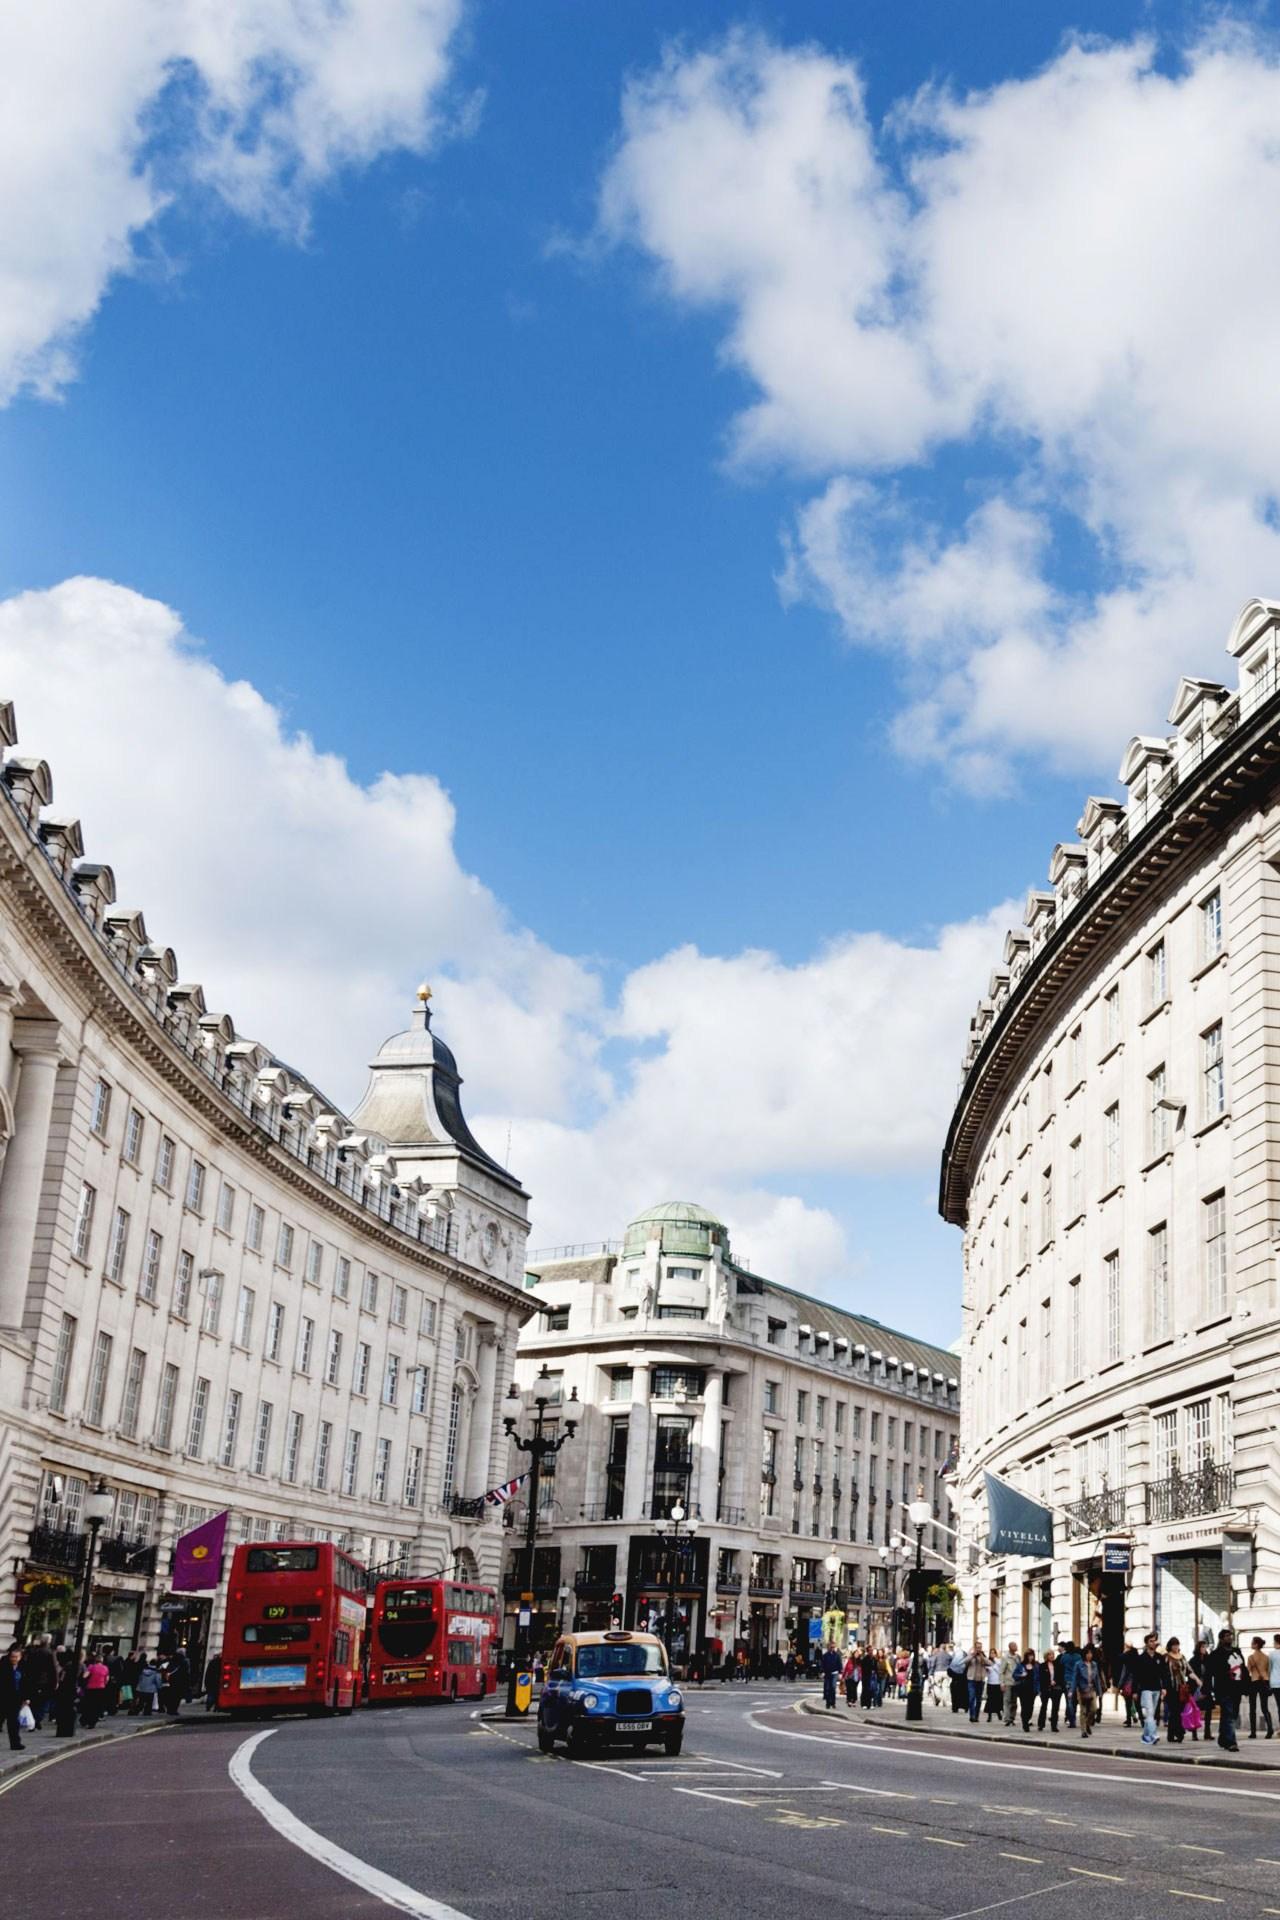 <b>The (Regent) Street ...</b>